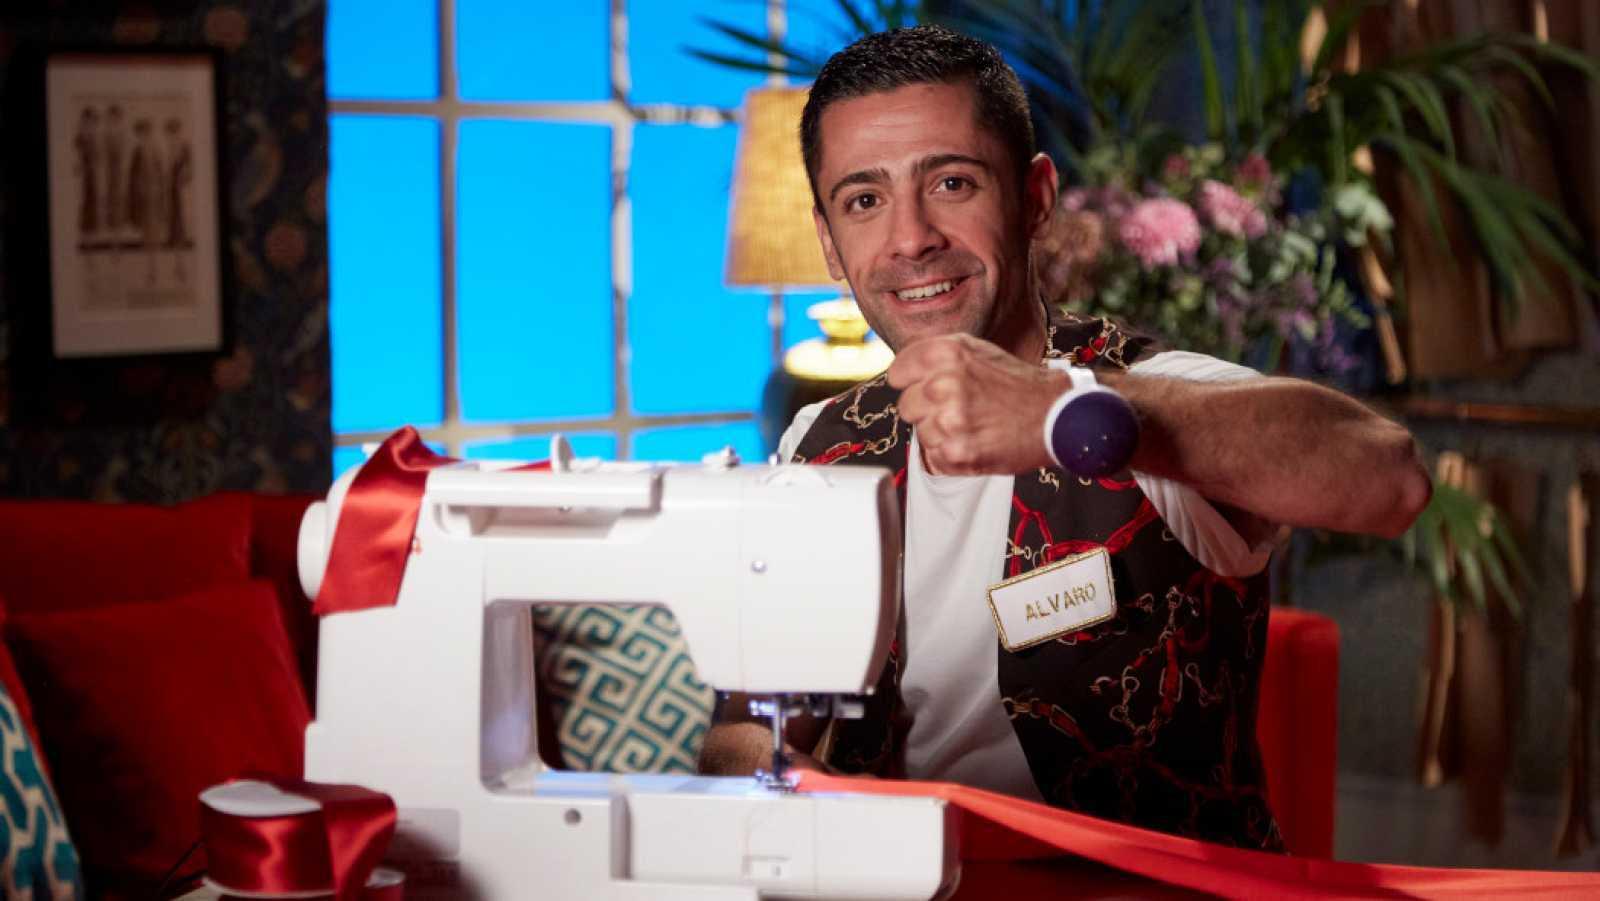 Maestros de la costura - Así es Álvaro, el boxeador de 'Maestros de la costura 4'